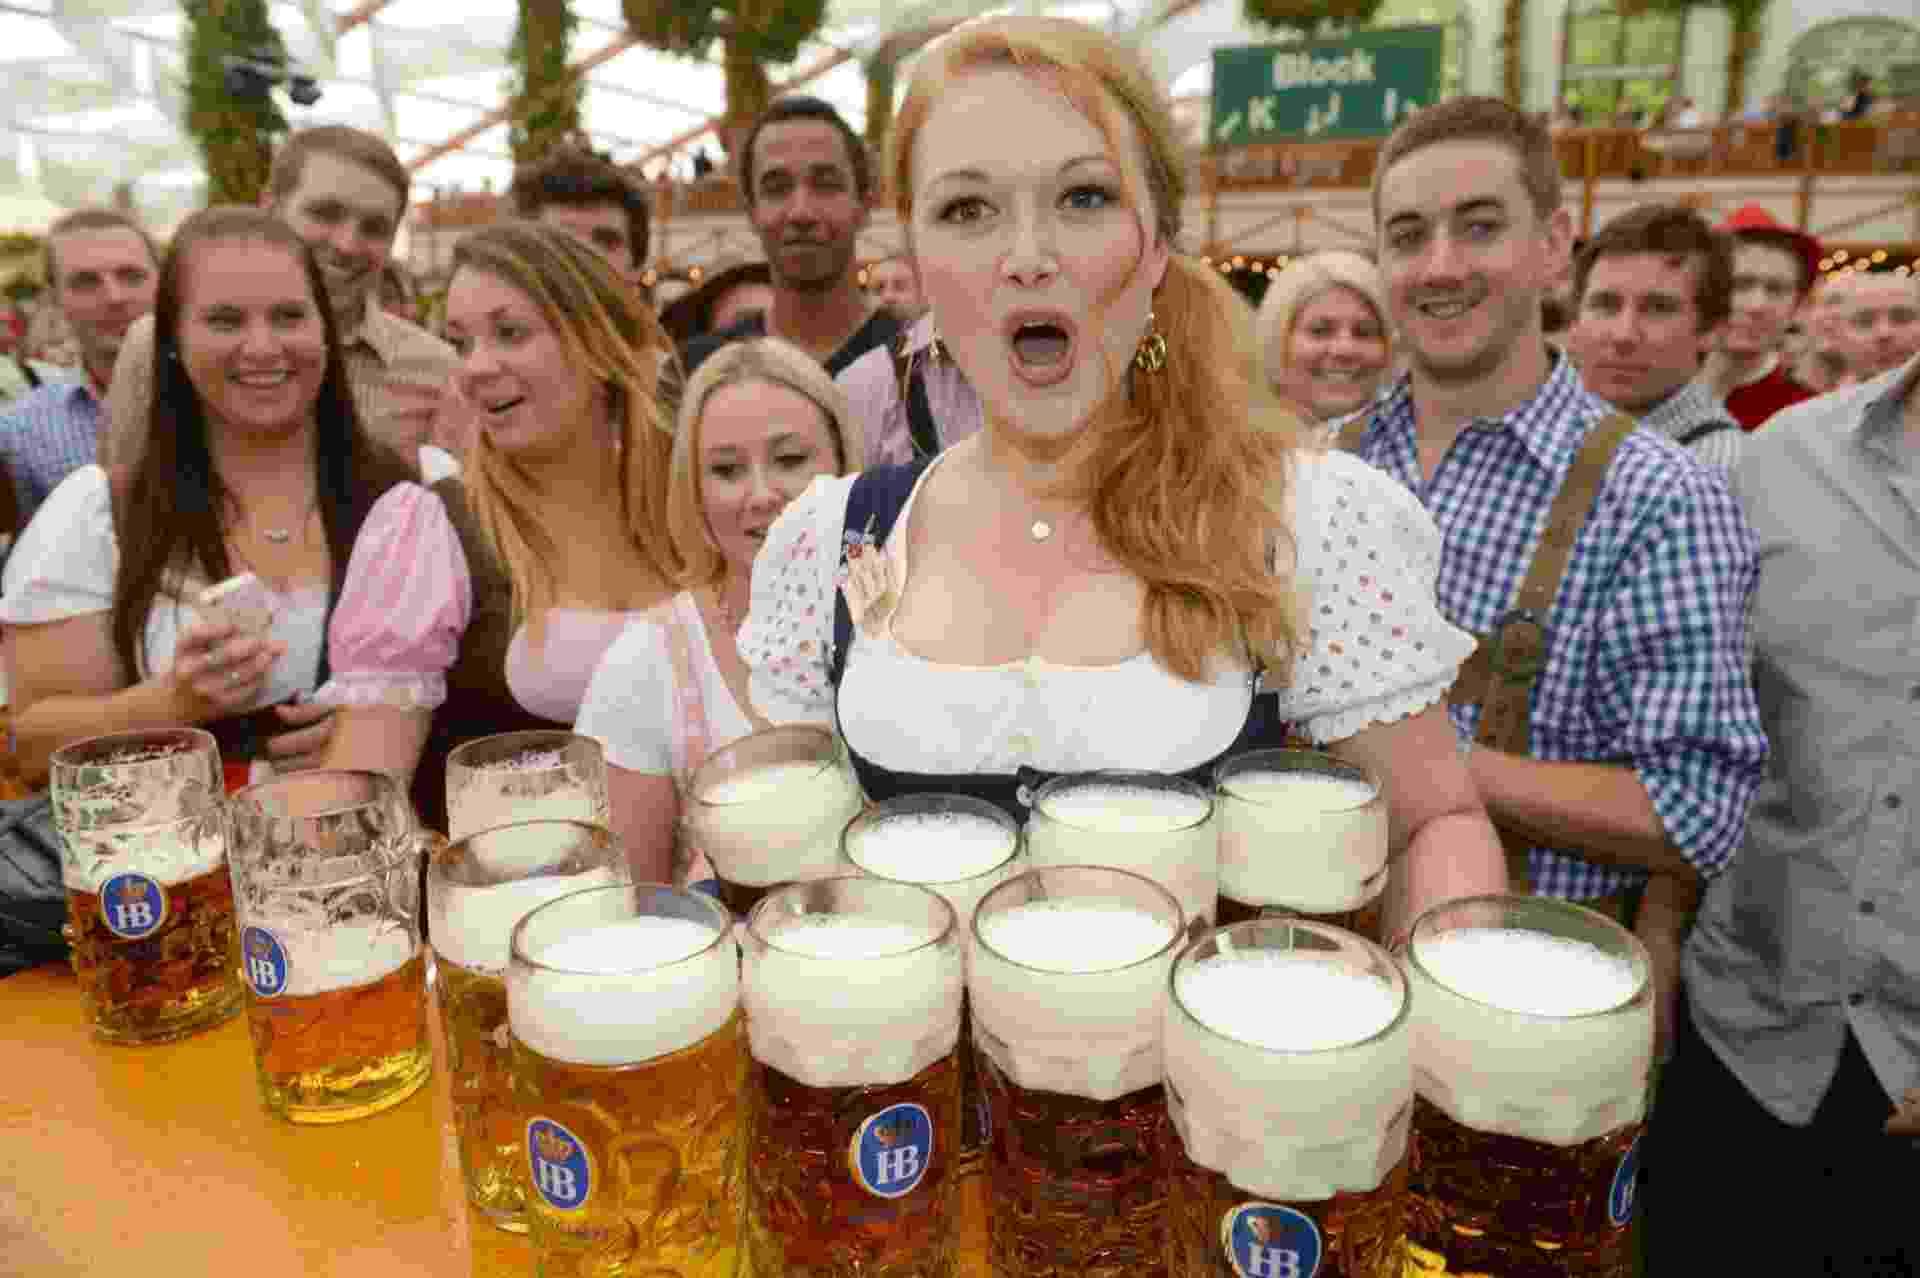 21.set.2013 - Mulher serve cervejas na cerimônia de abertura do 180º Oktoberfest em Munique, na Alemanha - EFE/EPA/FELIX HOERHAGER